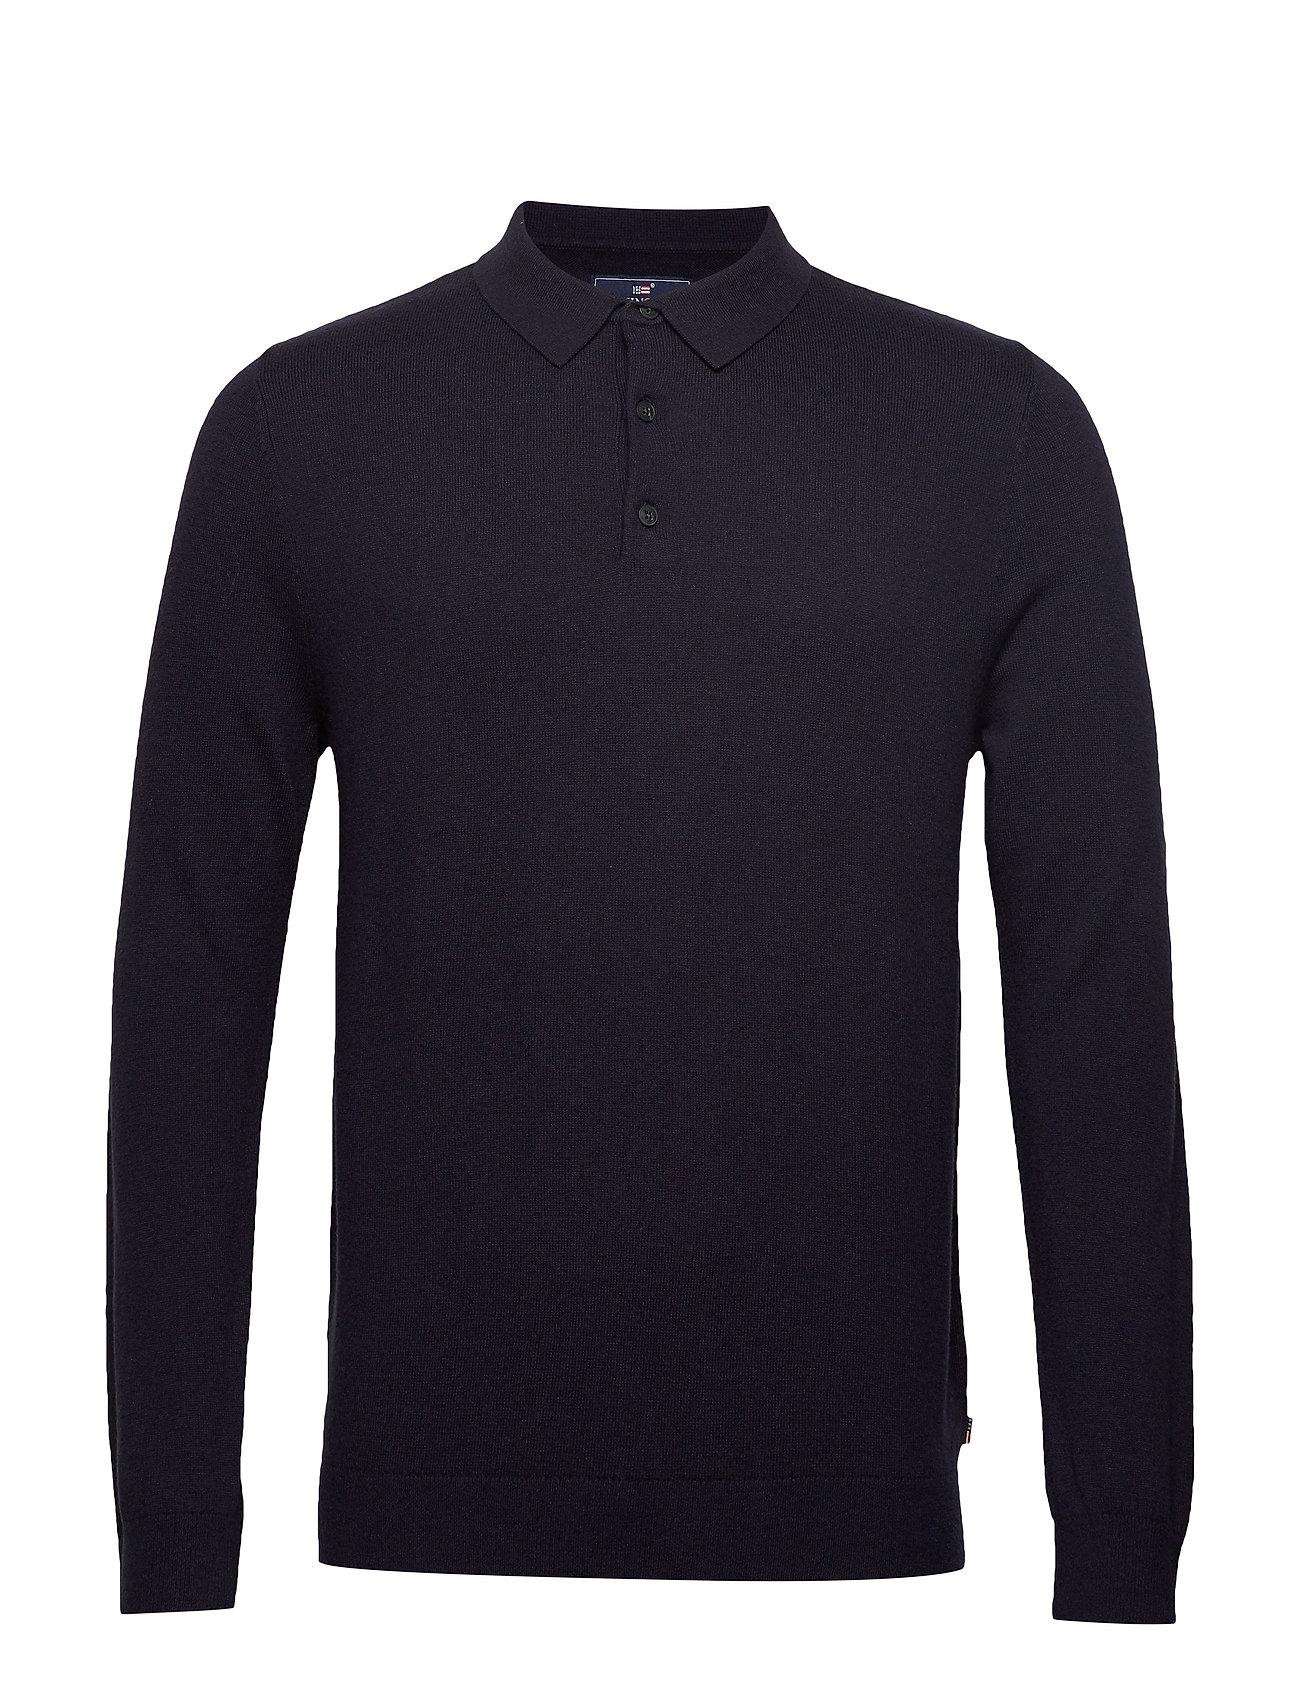 Lexington Clothing Riley Knitted Long Sleeve Polo - DARK BLUE